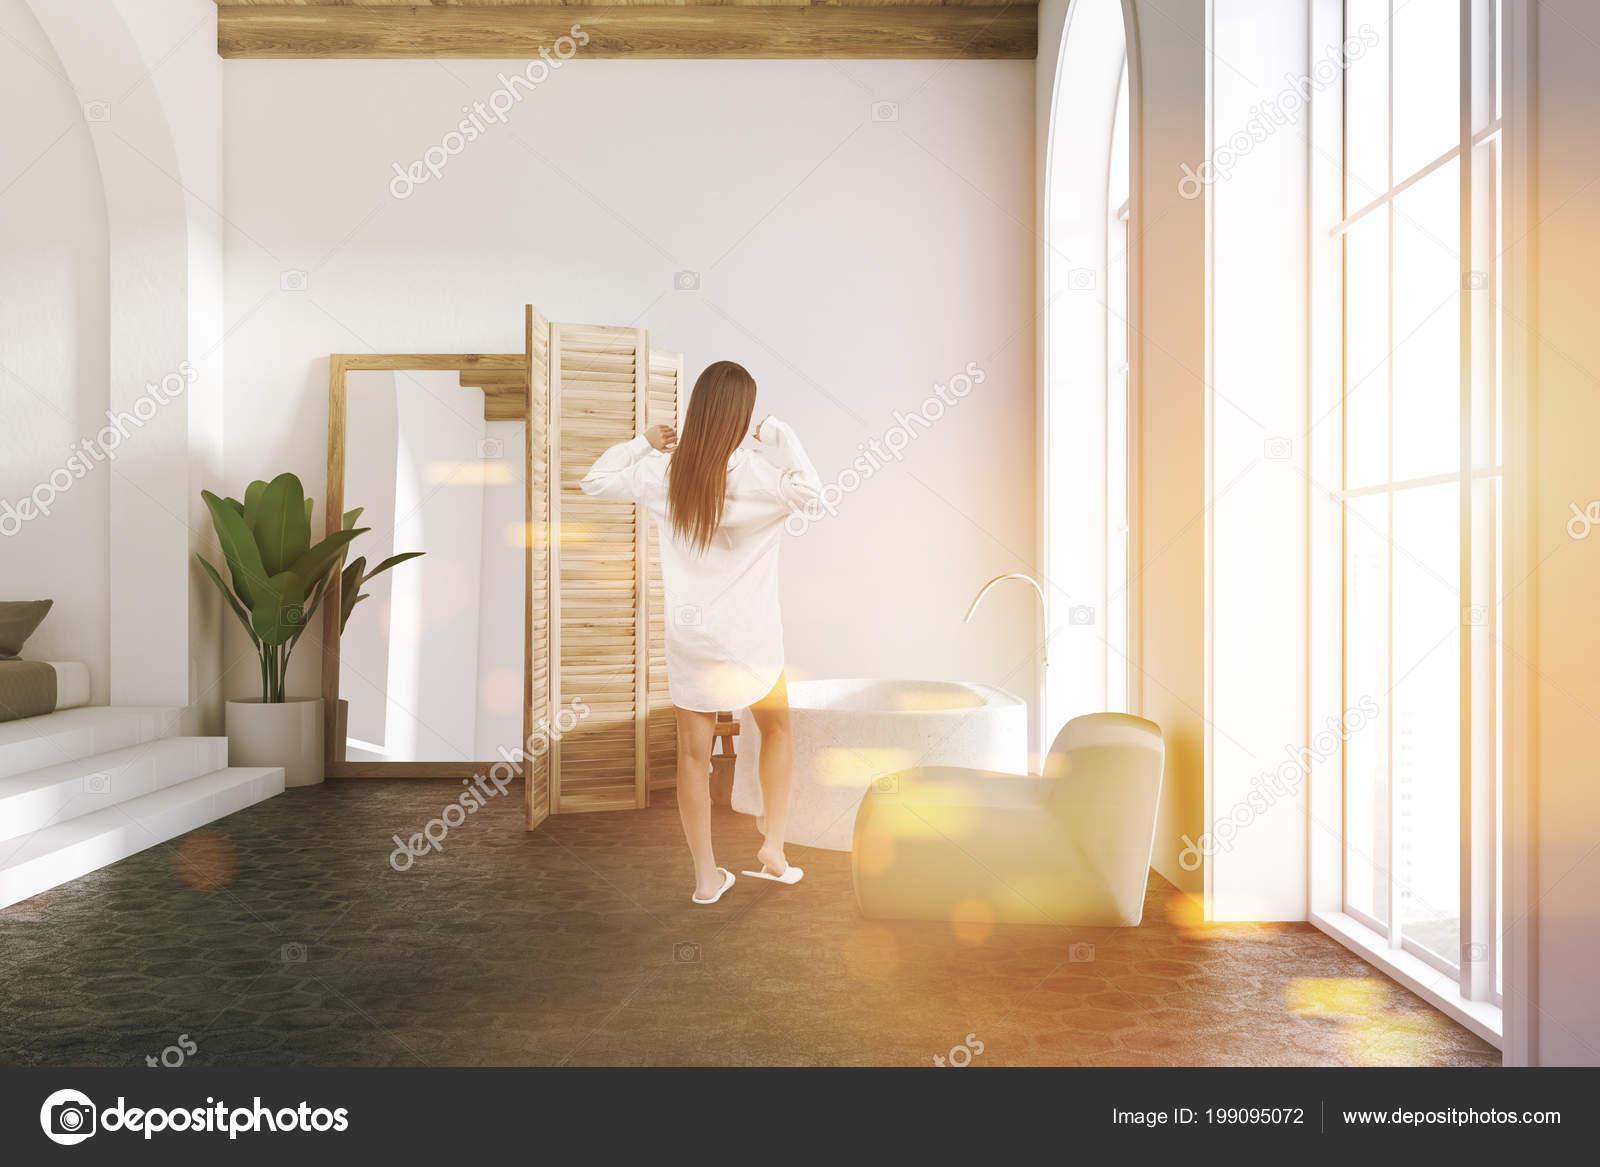 Vasca Da Lavare In Cemento : Donna interiore stanza bagno lusso bianca con pavimento cemento